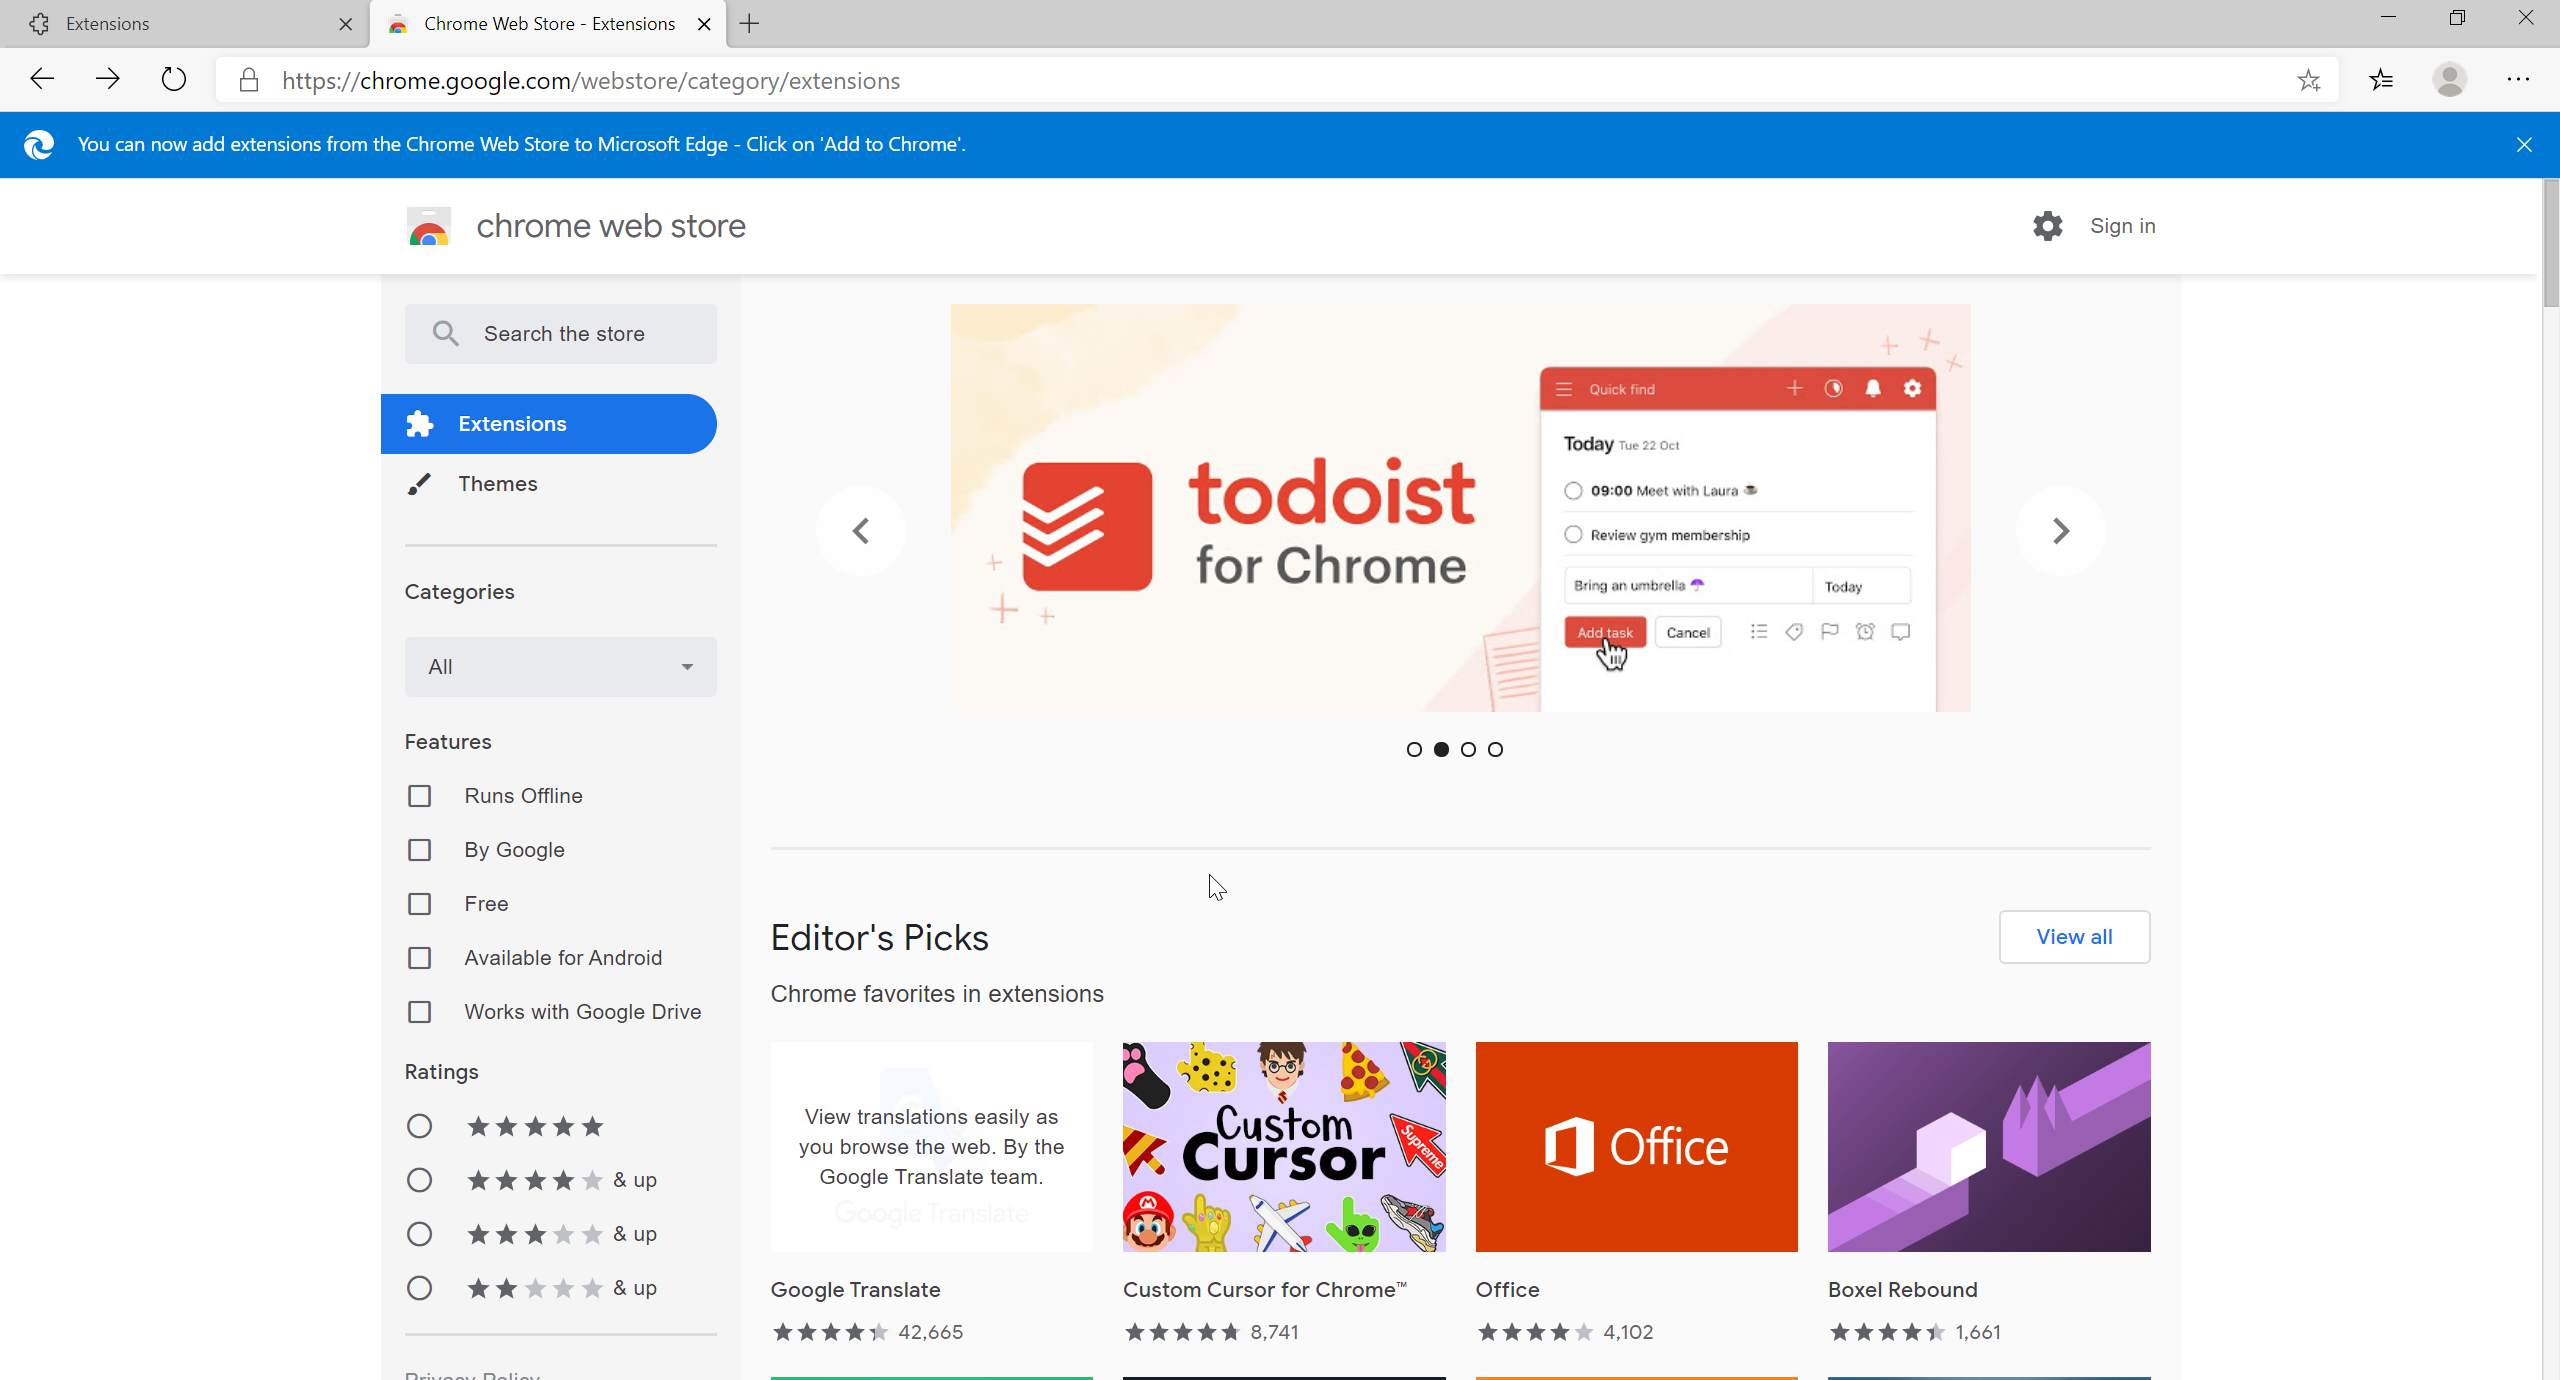 Cửa hàng Chrome trực tuyến